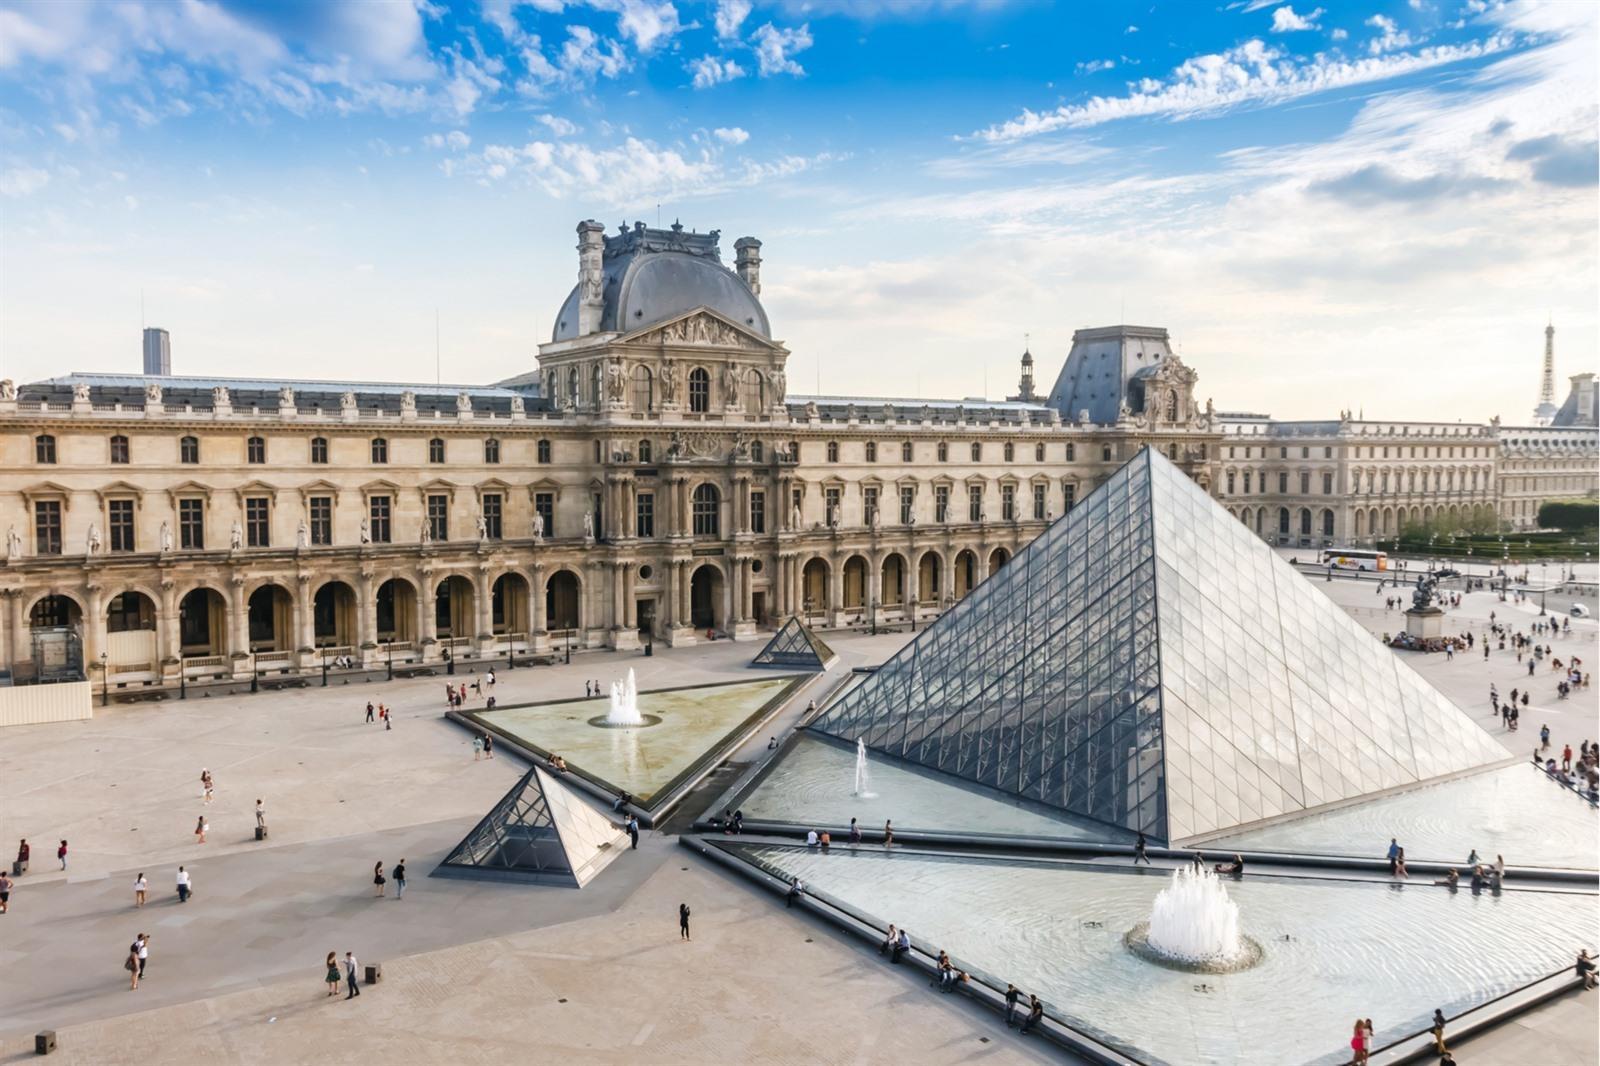 [Lokaal] Gratis Da Vinci Tentoonstelling in nacht, van 21 tot 24 februari @ Louvre Parijs